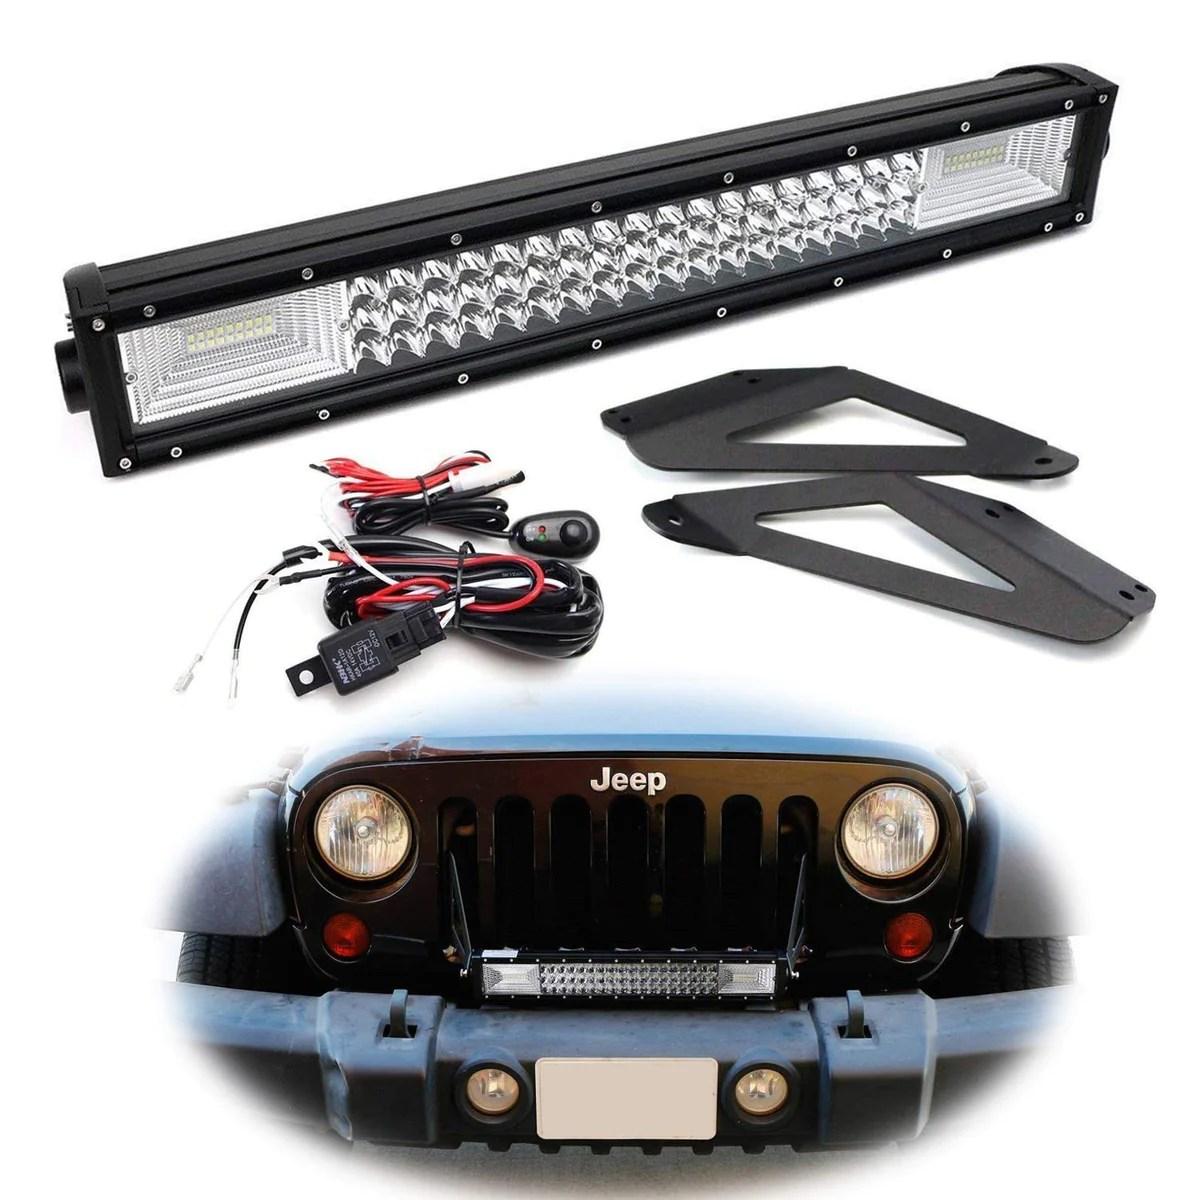 07 17 jeep wrangler jk front grille mount led light bar kit ijdmtoy com [ 1200 x 1200 Pixel ]